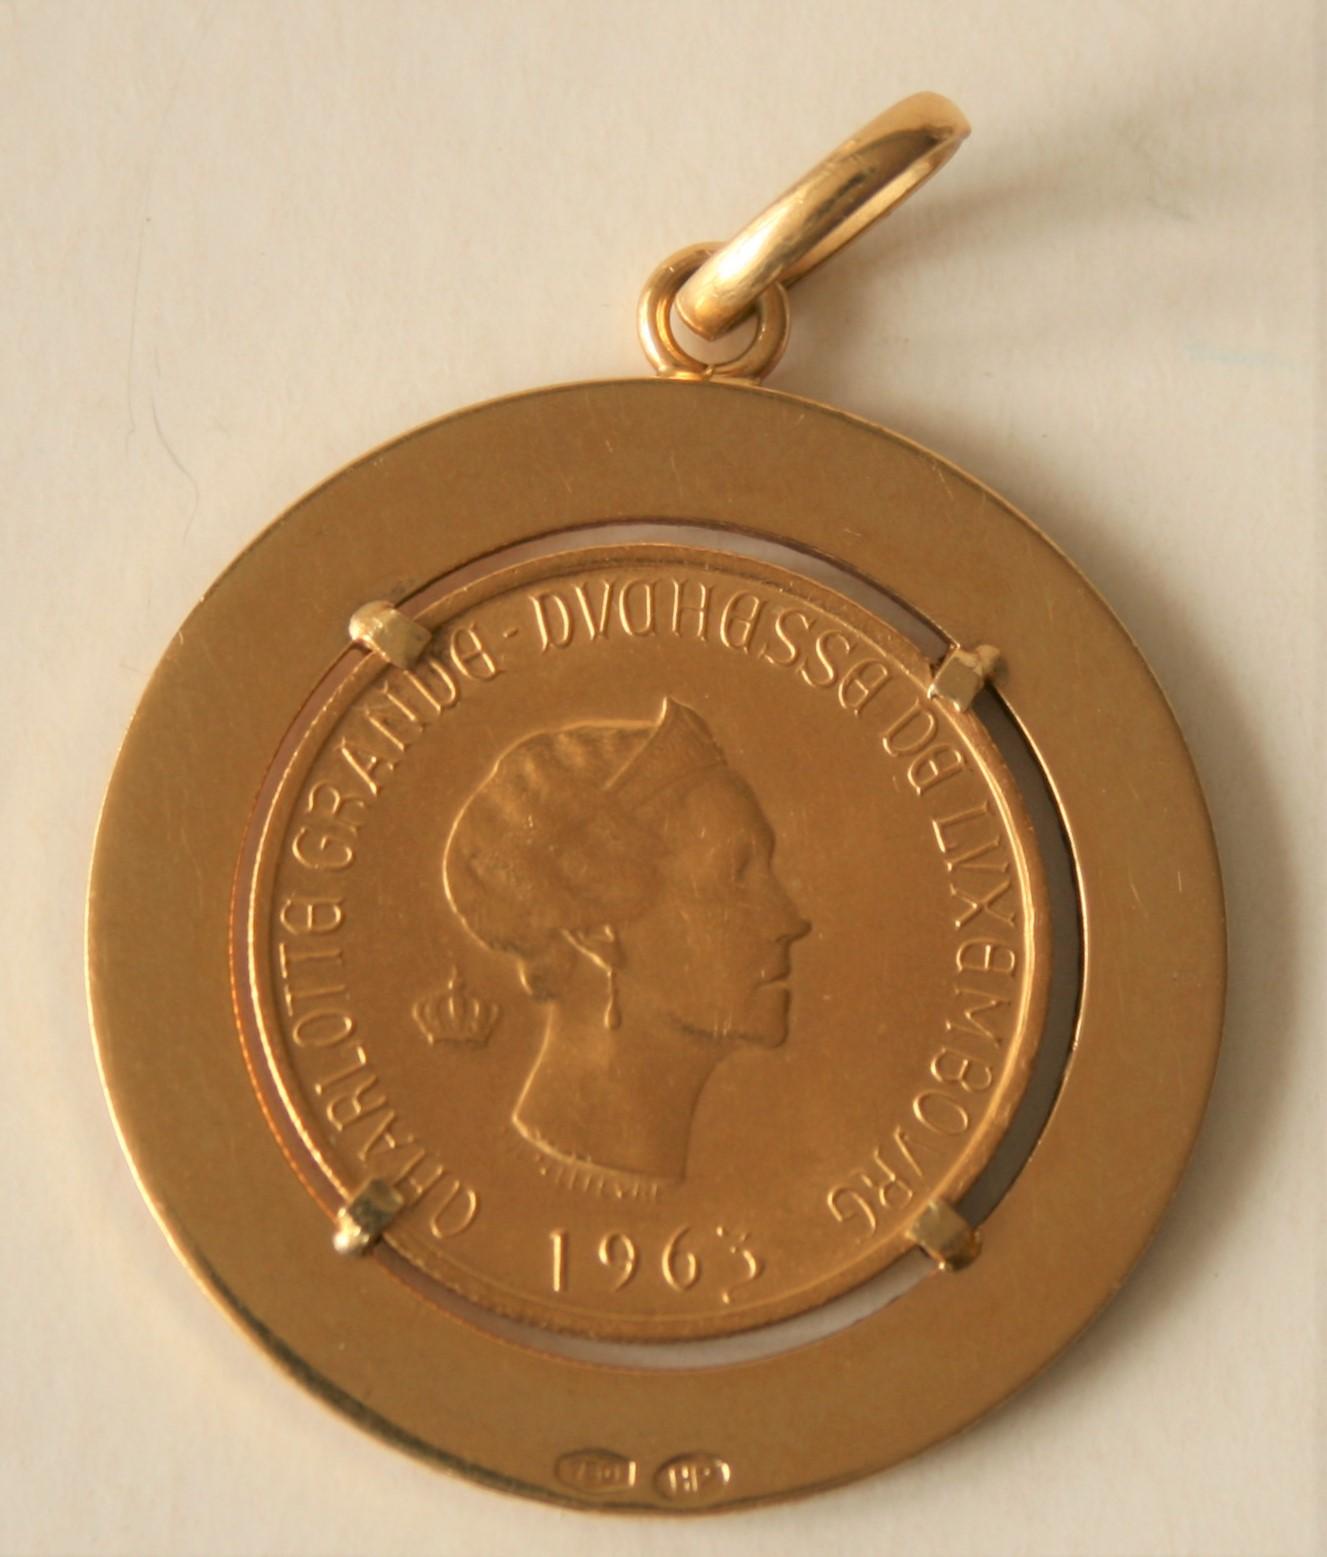 Pièce en or Luxembourg Grande-Duchesse Charlotte 1963 montée sur une broche en or [...]